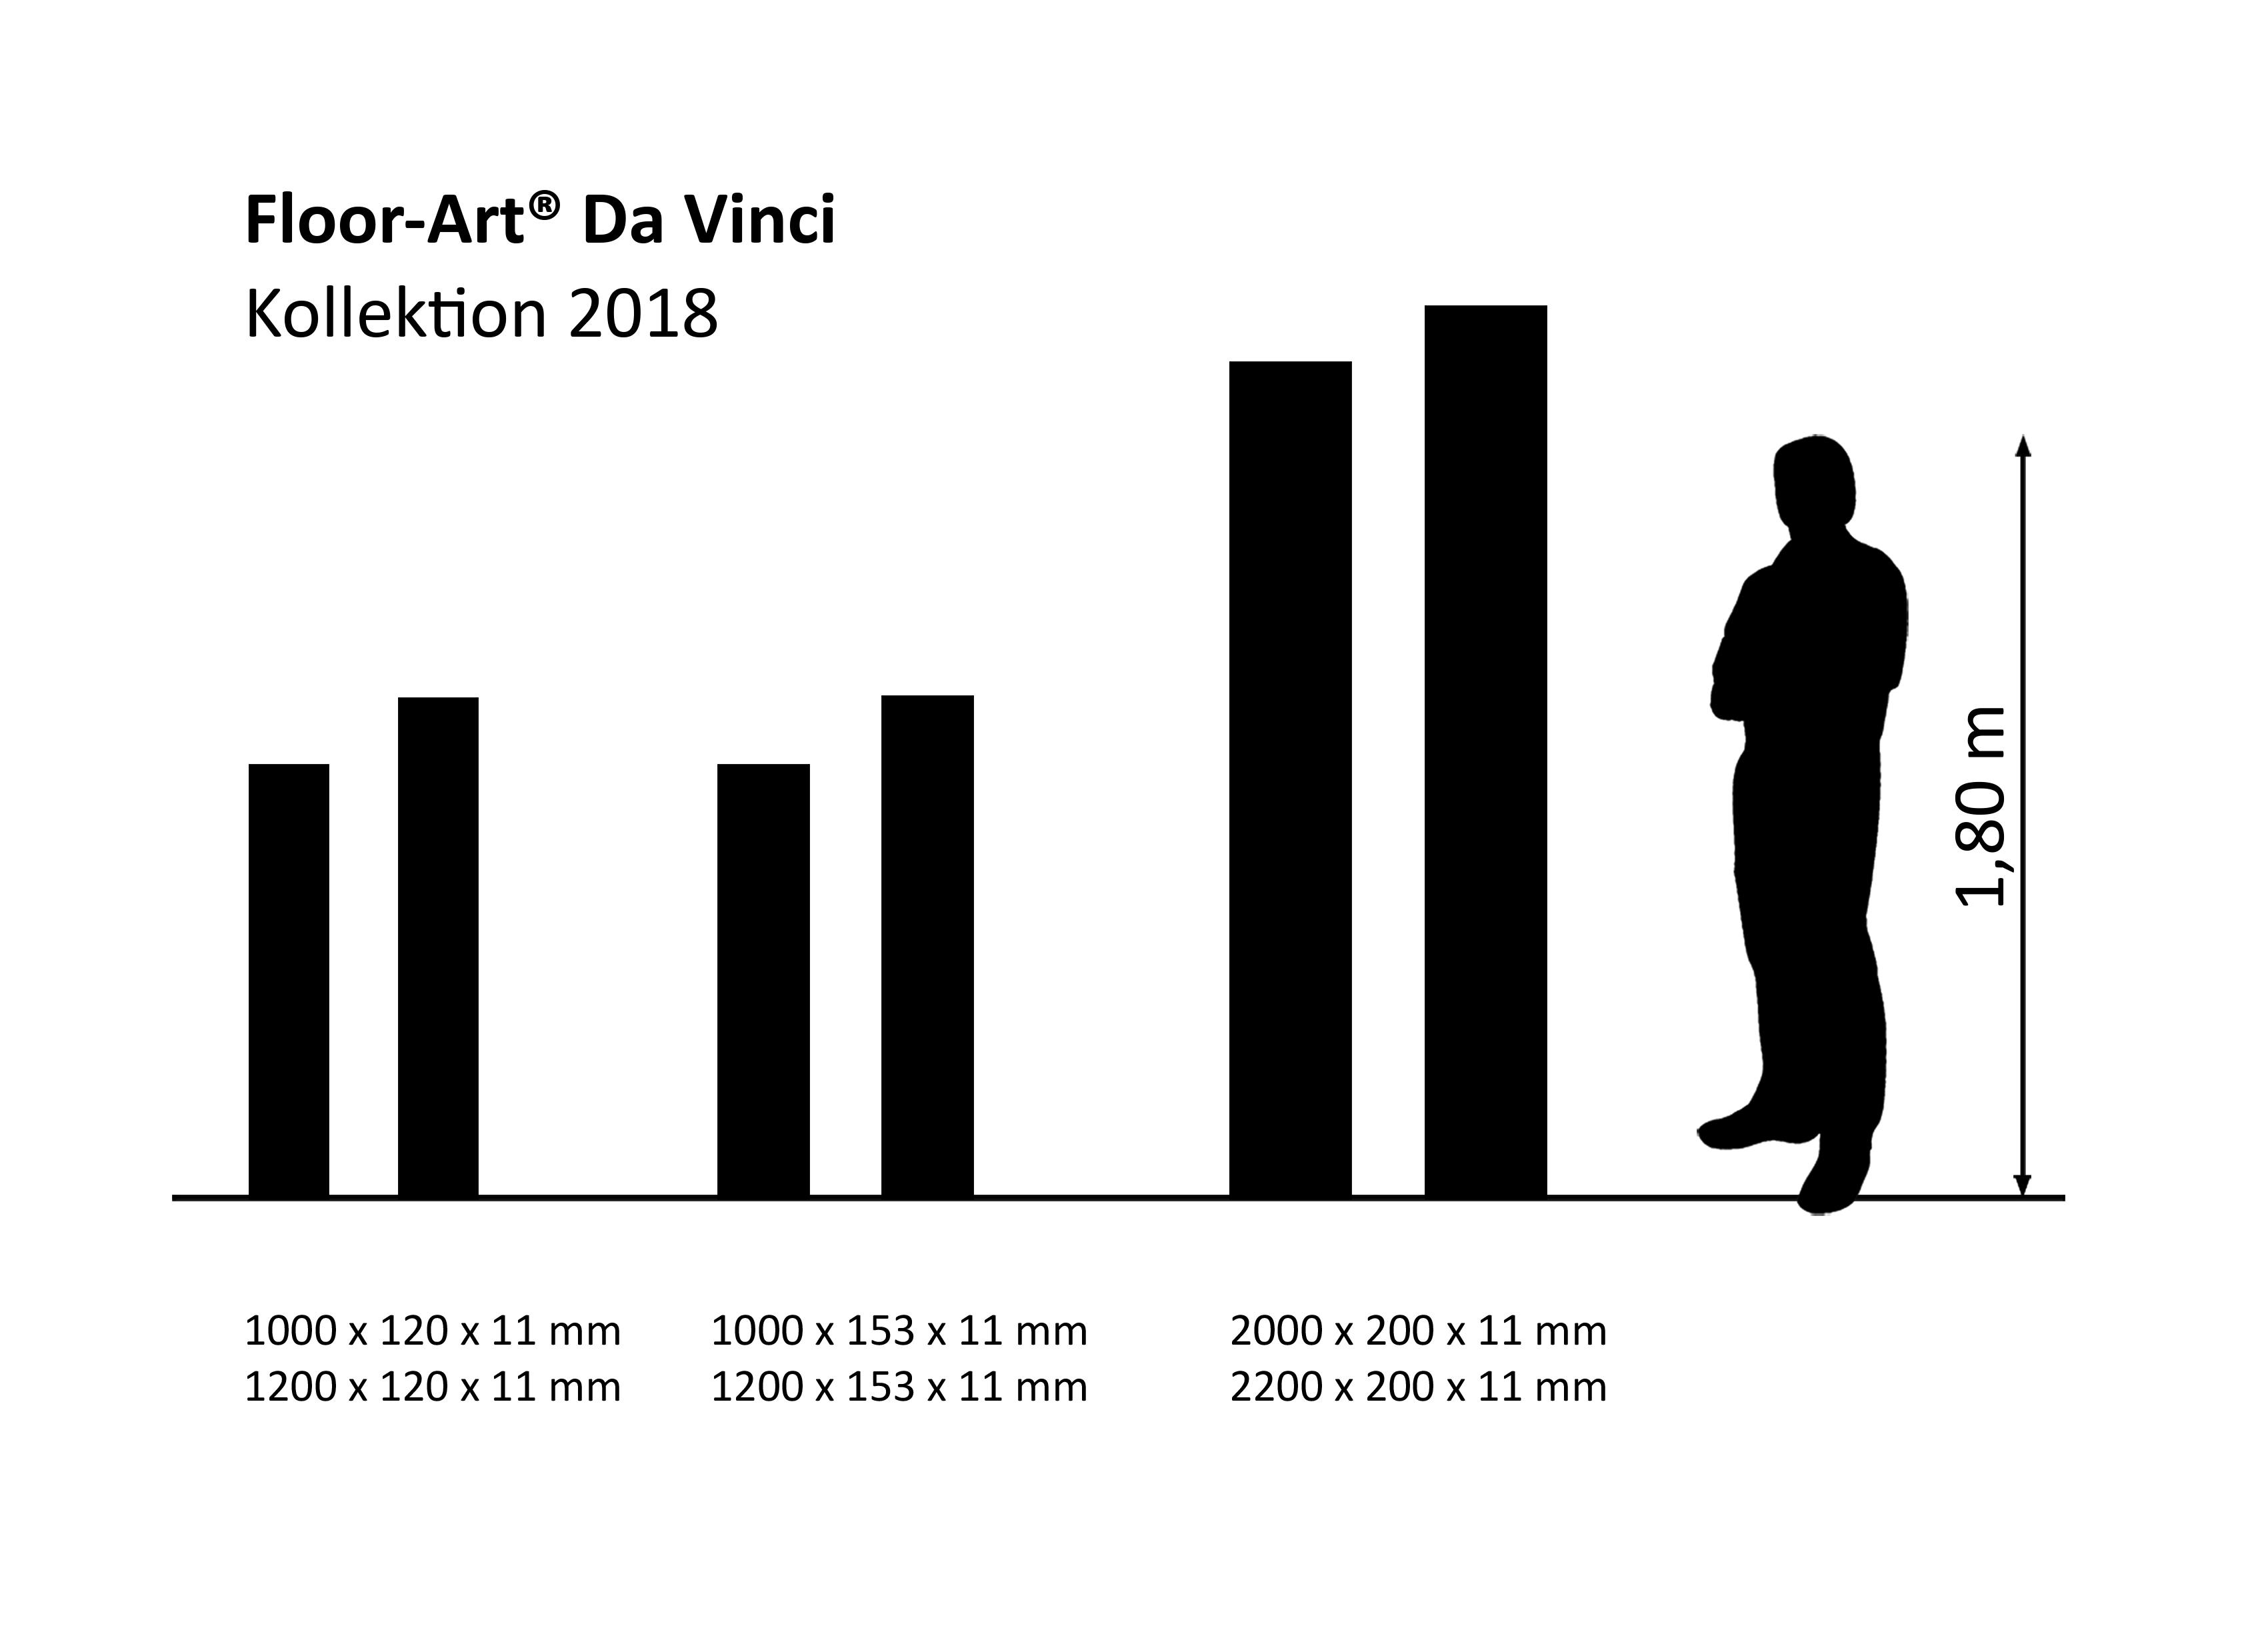 Floor-Art Da Vinci Eiche Prime